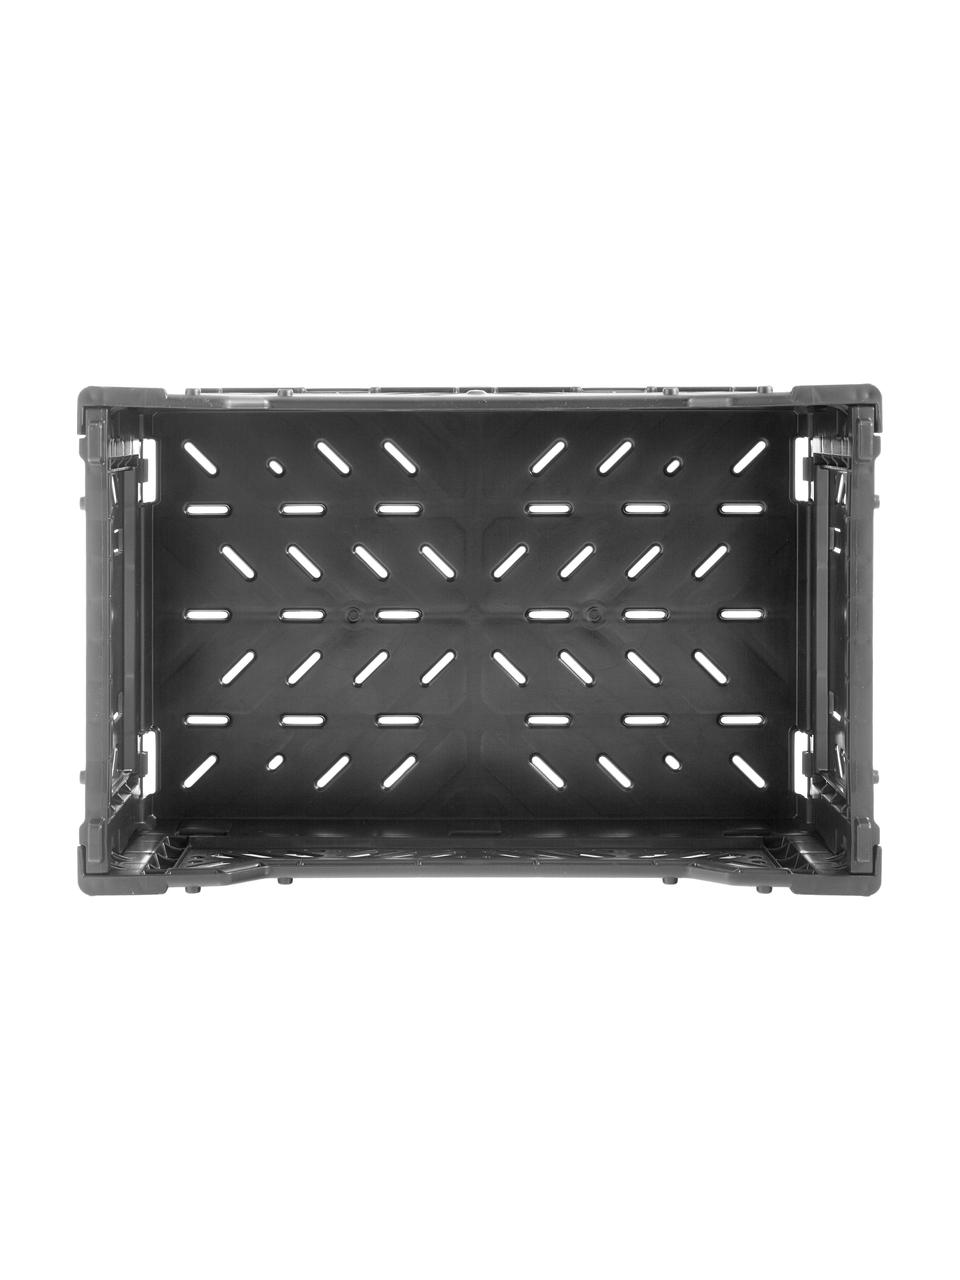 Cesto piccolo pieghevole e impilabile Black, Materiale sintetico riciclato, Nero, Larg. 27 x Alt. 11 cm